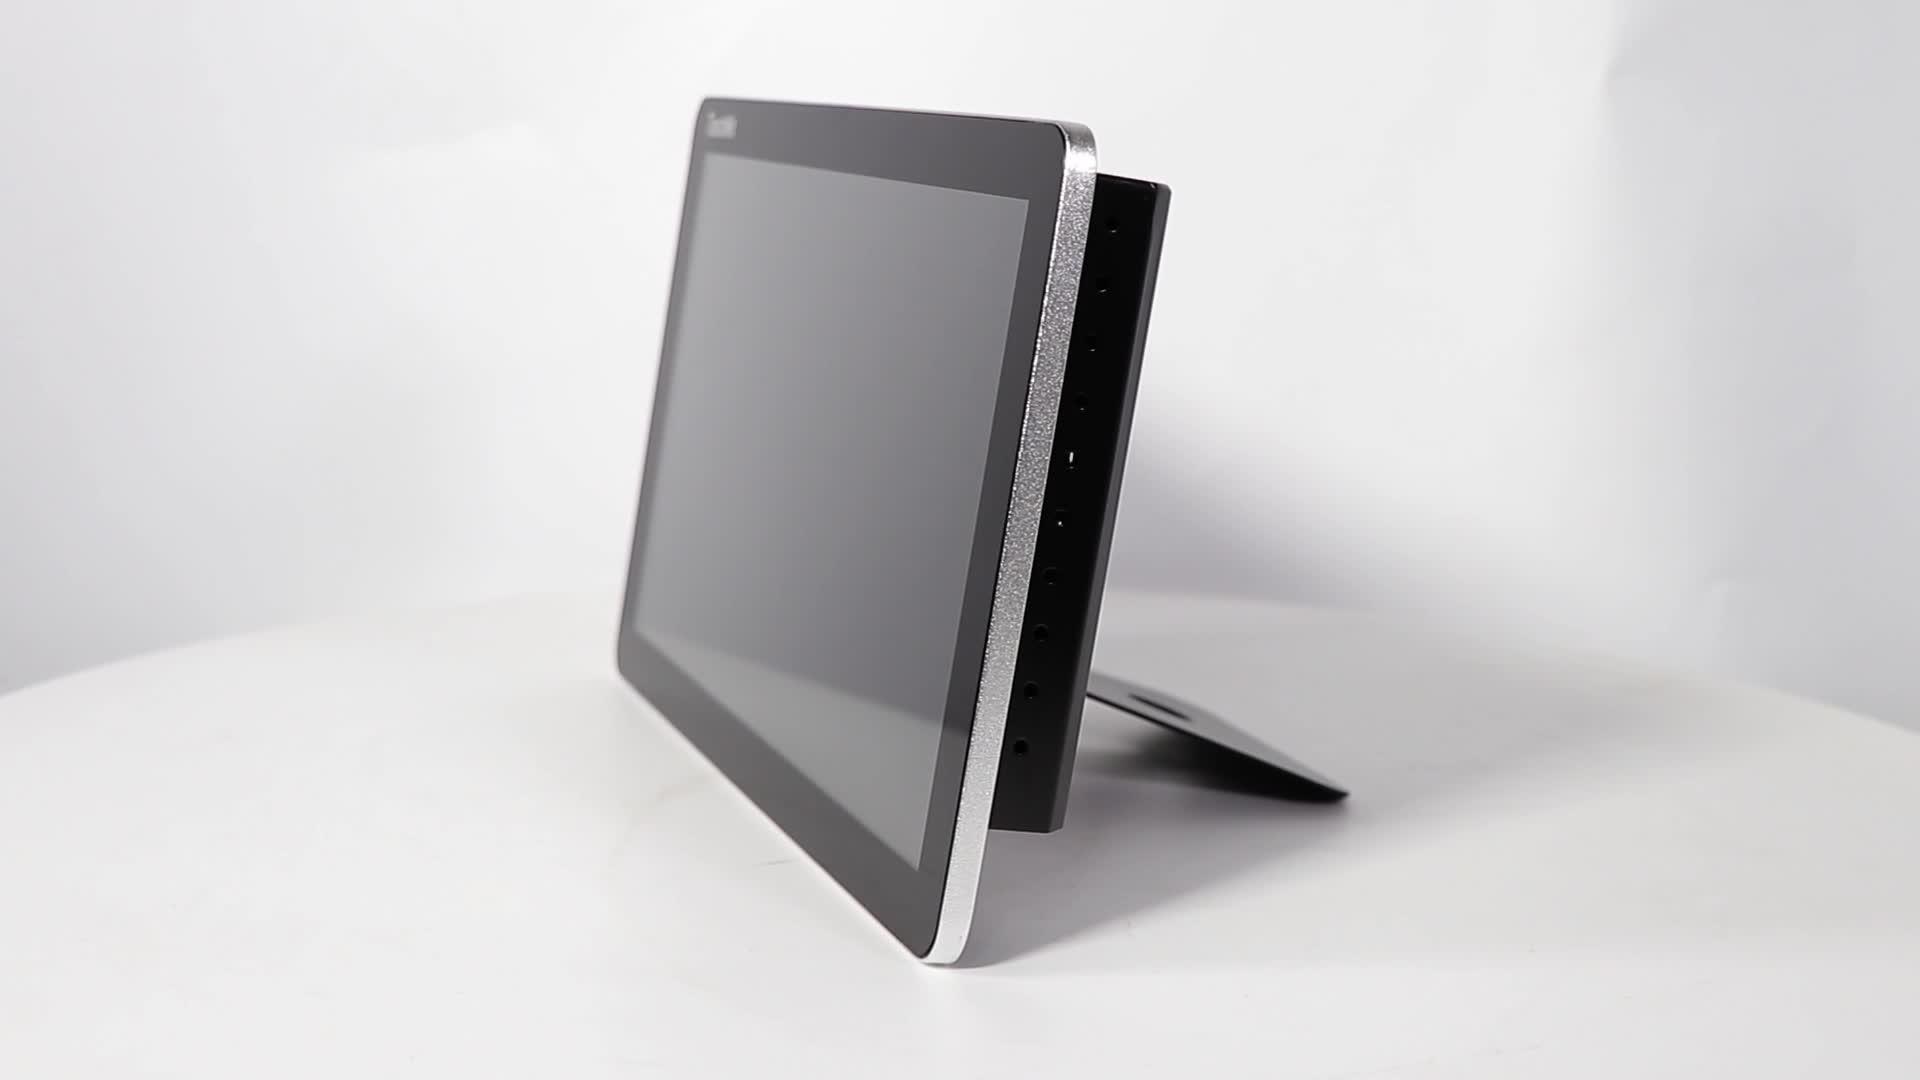 Tablette Android 8 pouces mini PC tactile tout en un